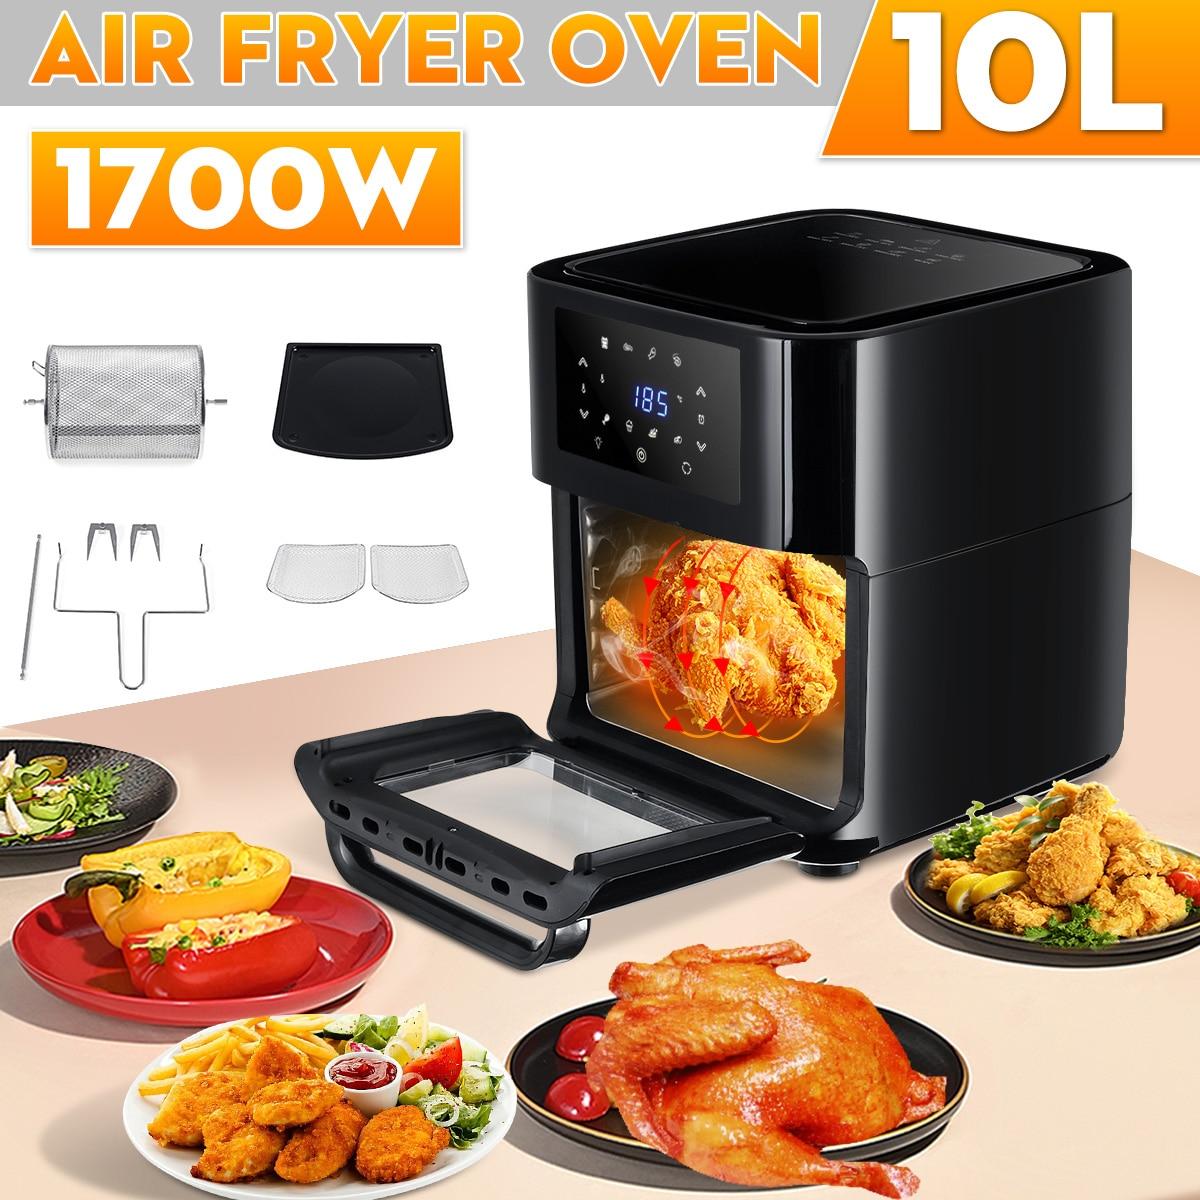 1700W 10L multifonction Smart friteuse poulet sans huile Air friteuse four sain alimentaire friteuse cuisinière tactile LCD électrique friteuse 1